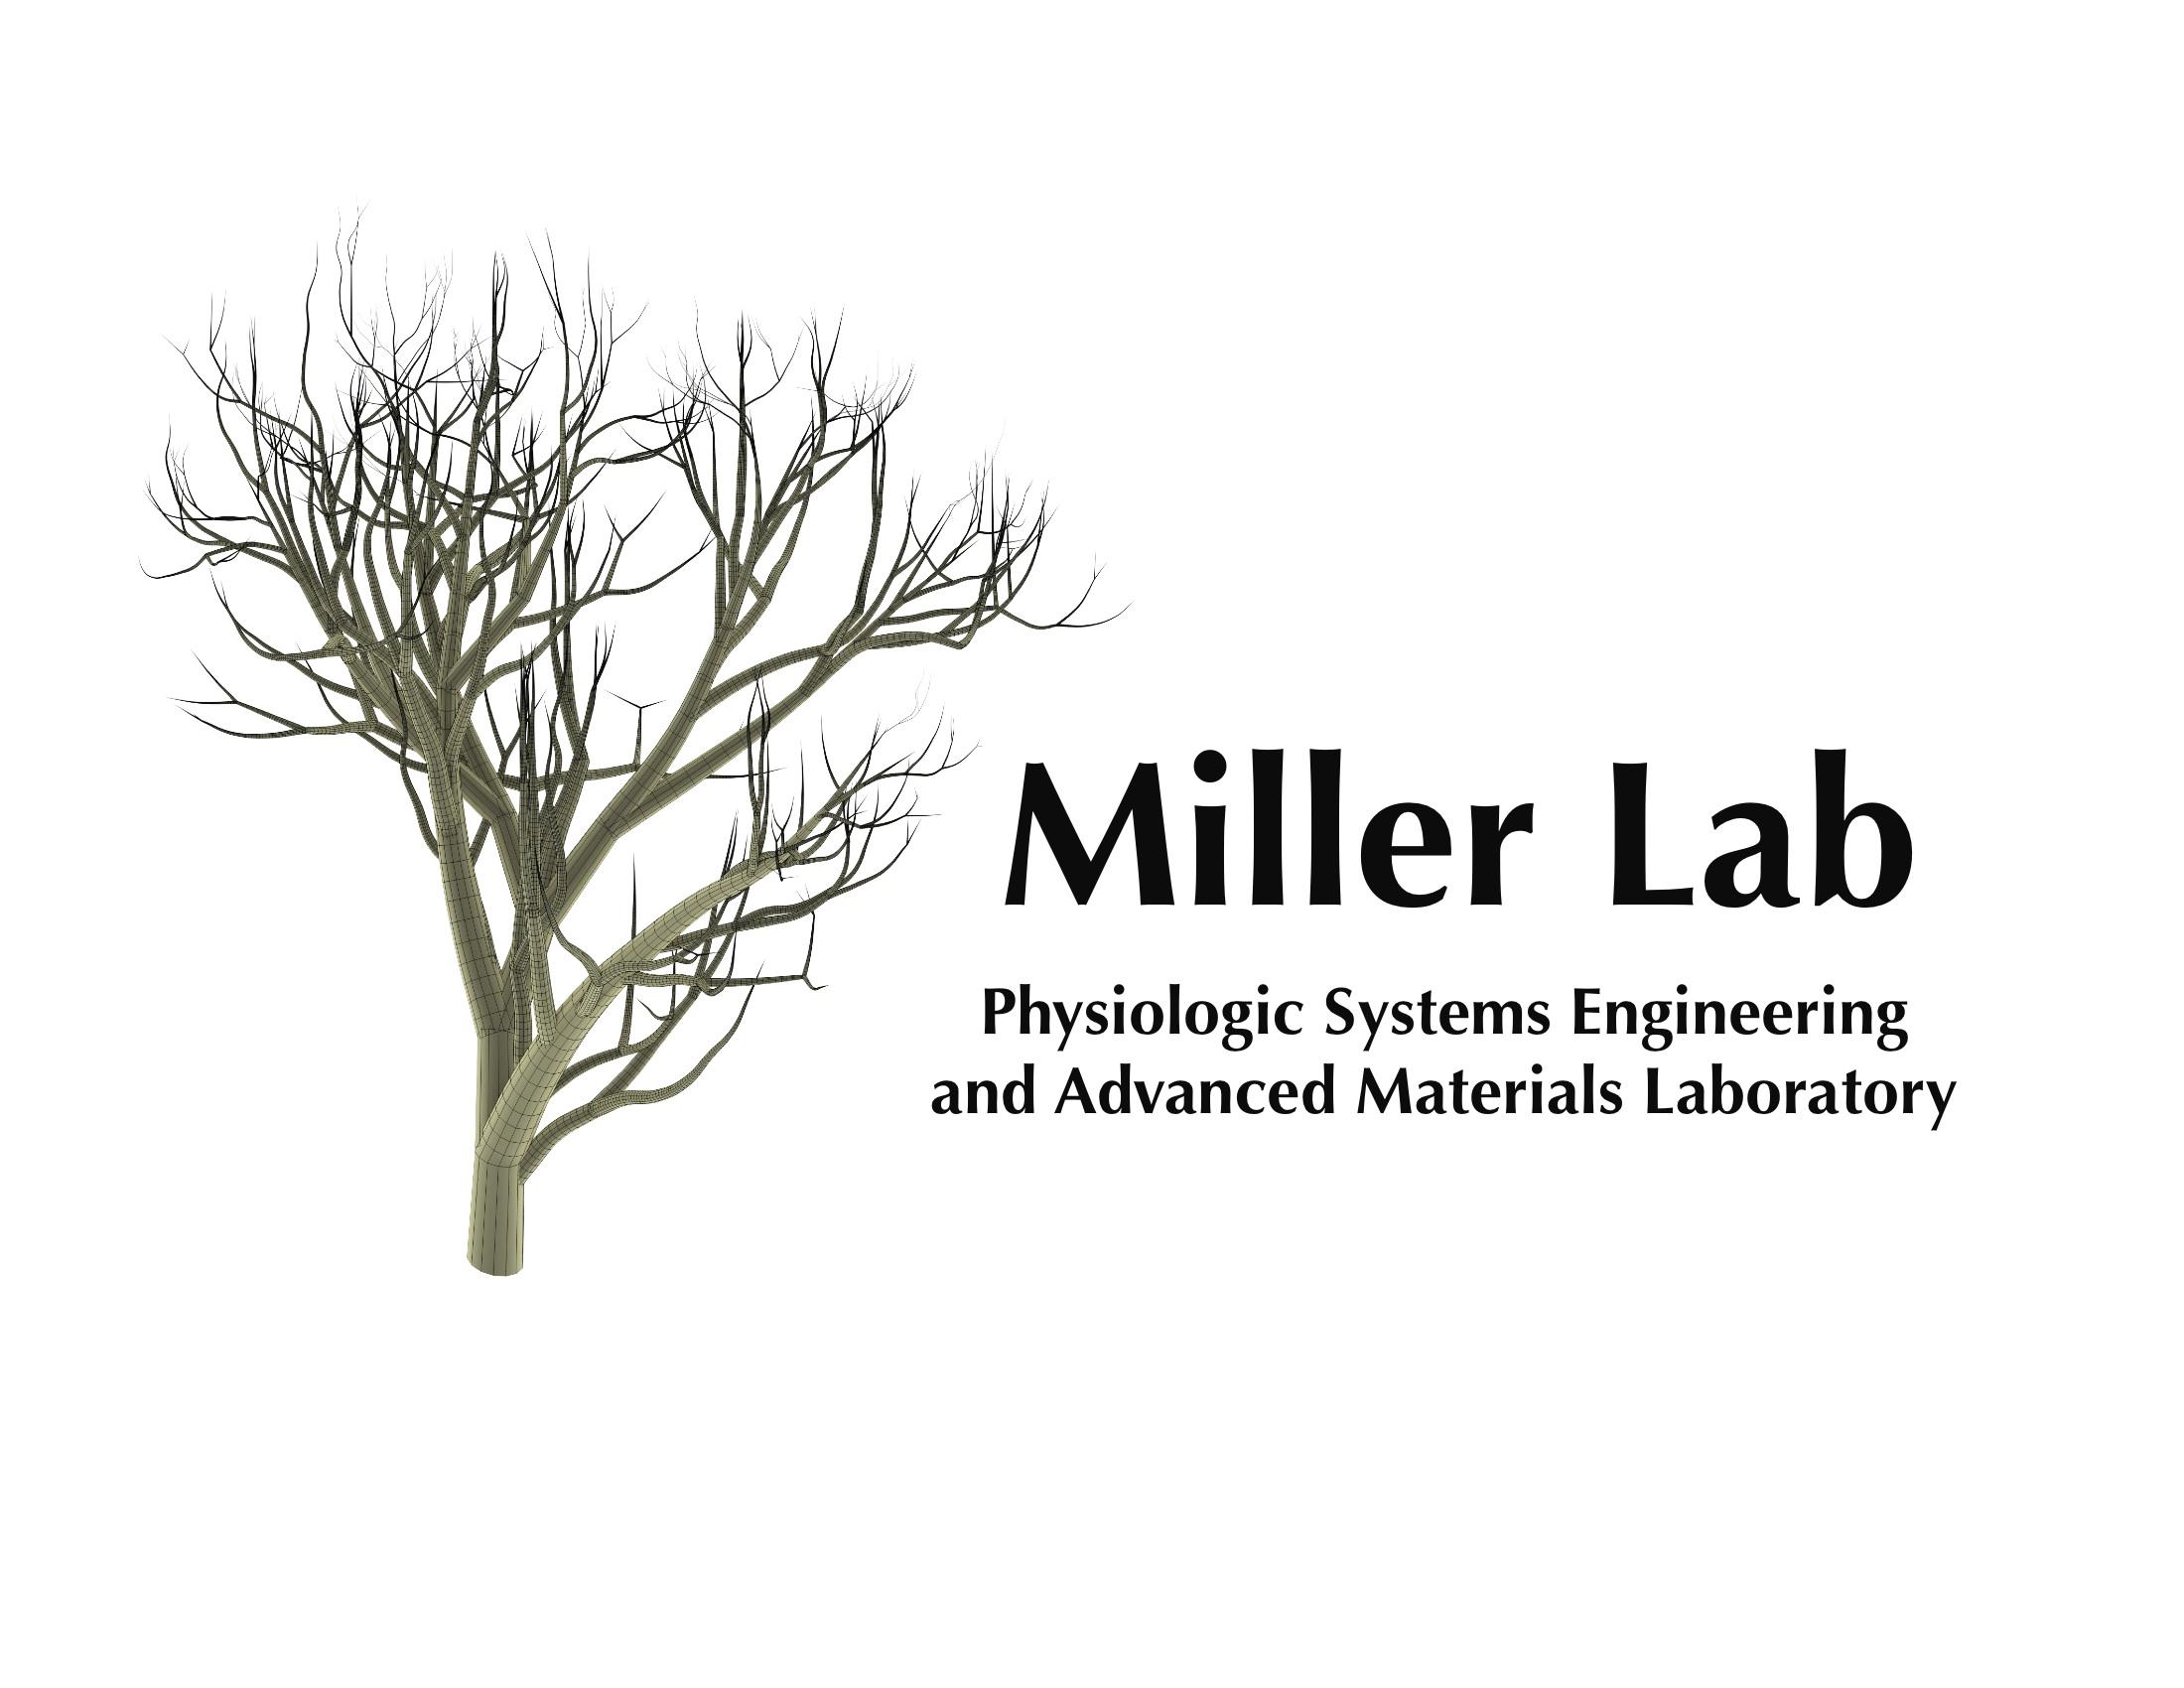 MillerLab logo